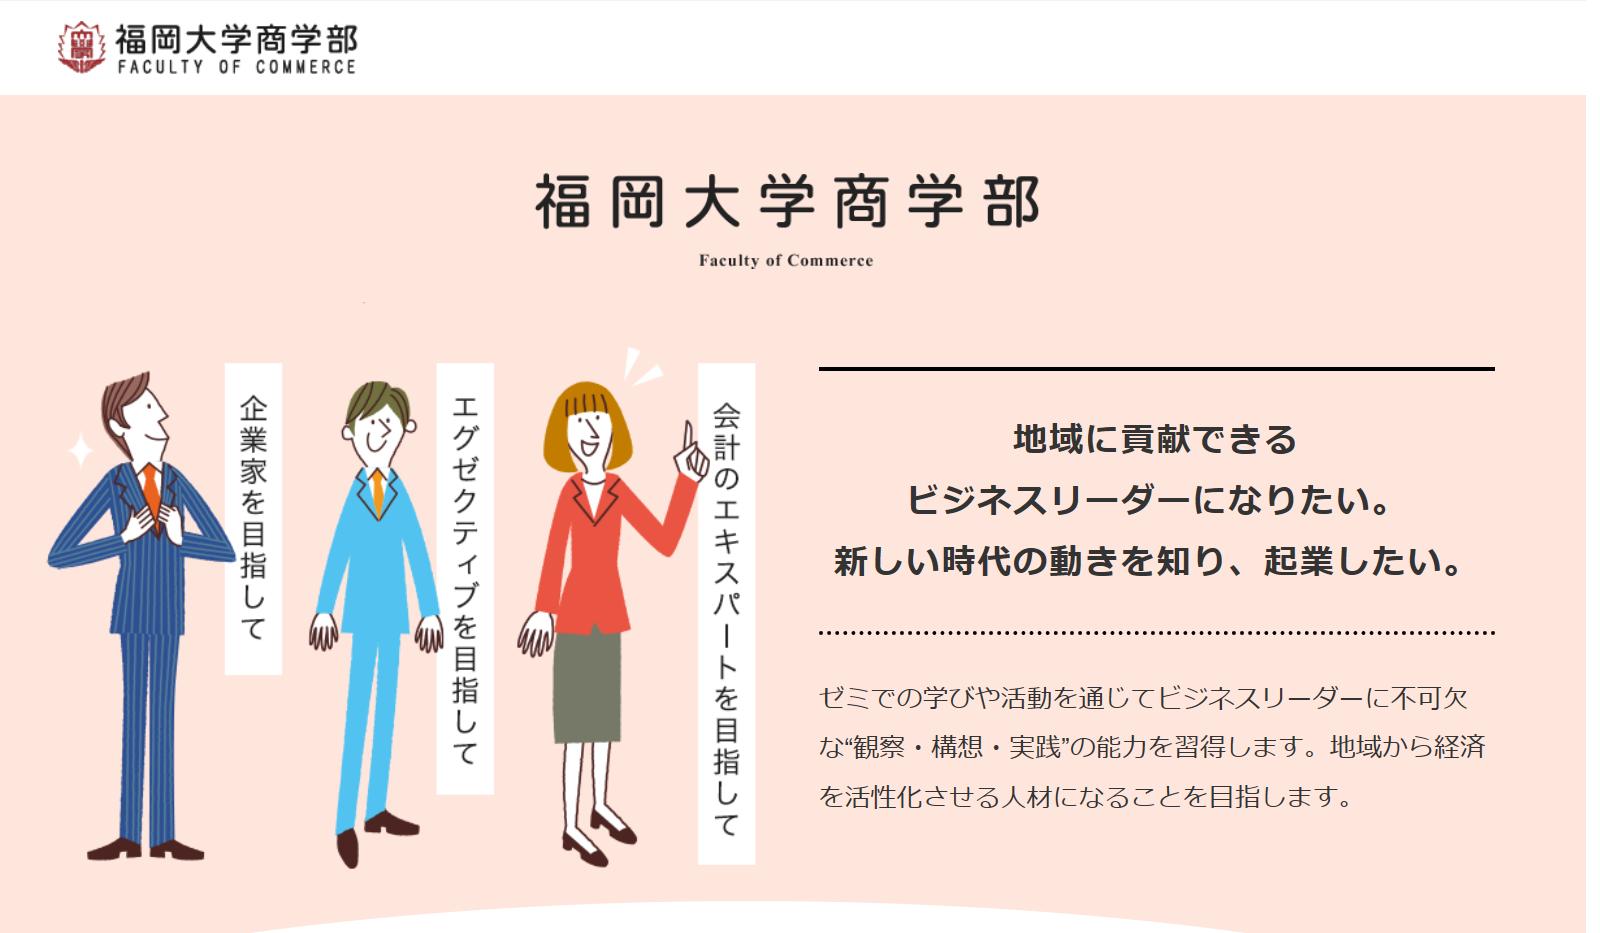 福岡大学の評判・口コミ【商学部編】